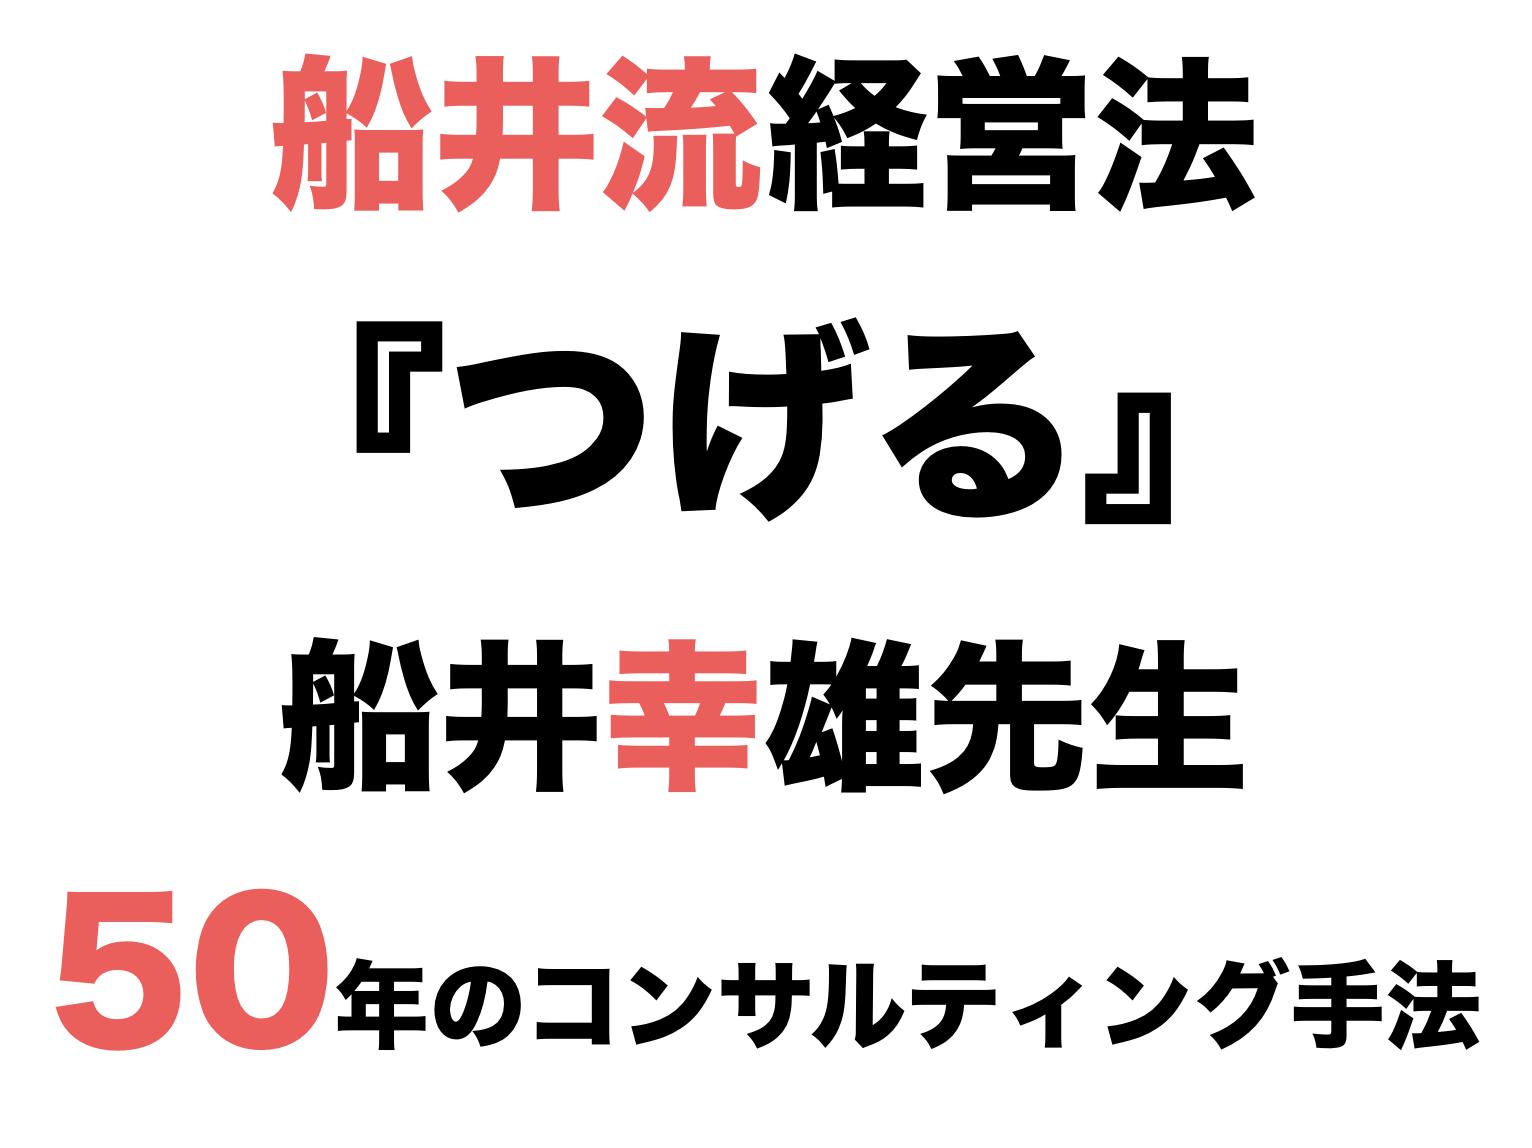 第78回 '14年2月「つげる」〜船井幸雄先生50年のコンサルティング手法〜